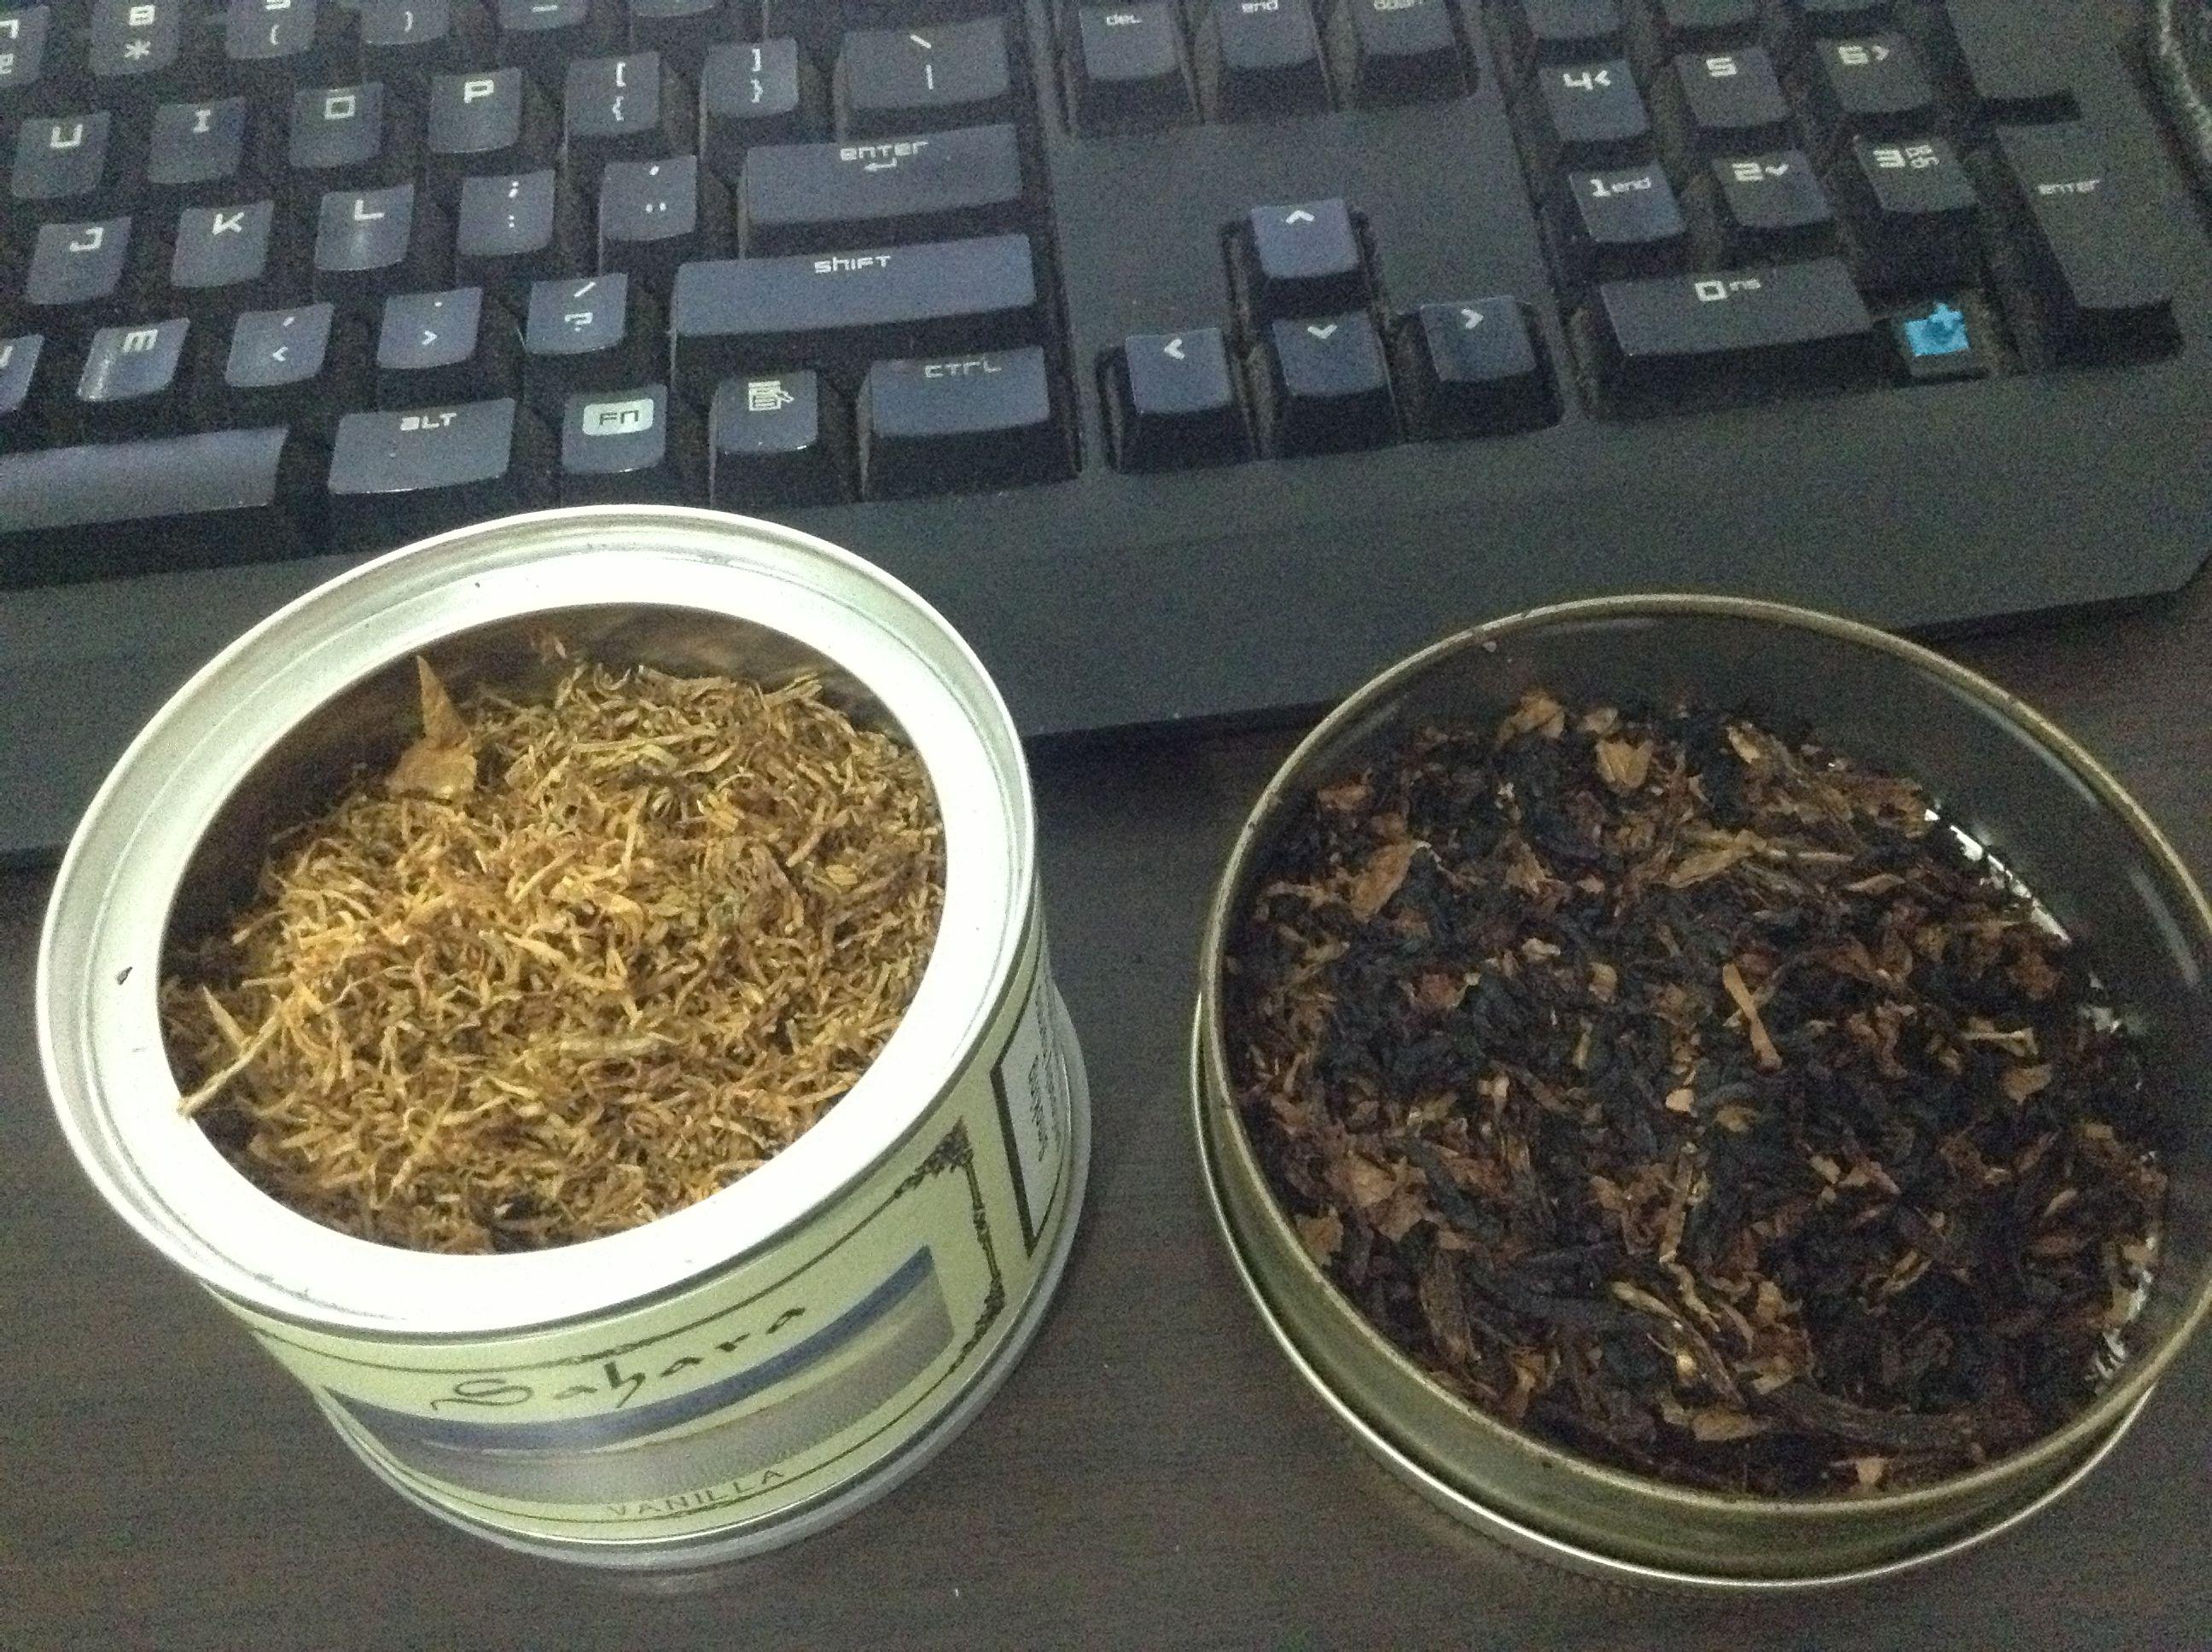 烟斗烟丝图片_在淘宝买了个烟斗但是没有卖烟丝的,我能先用十几块的烟弄断 ...